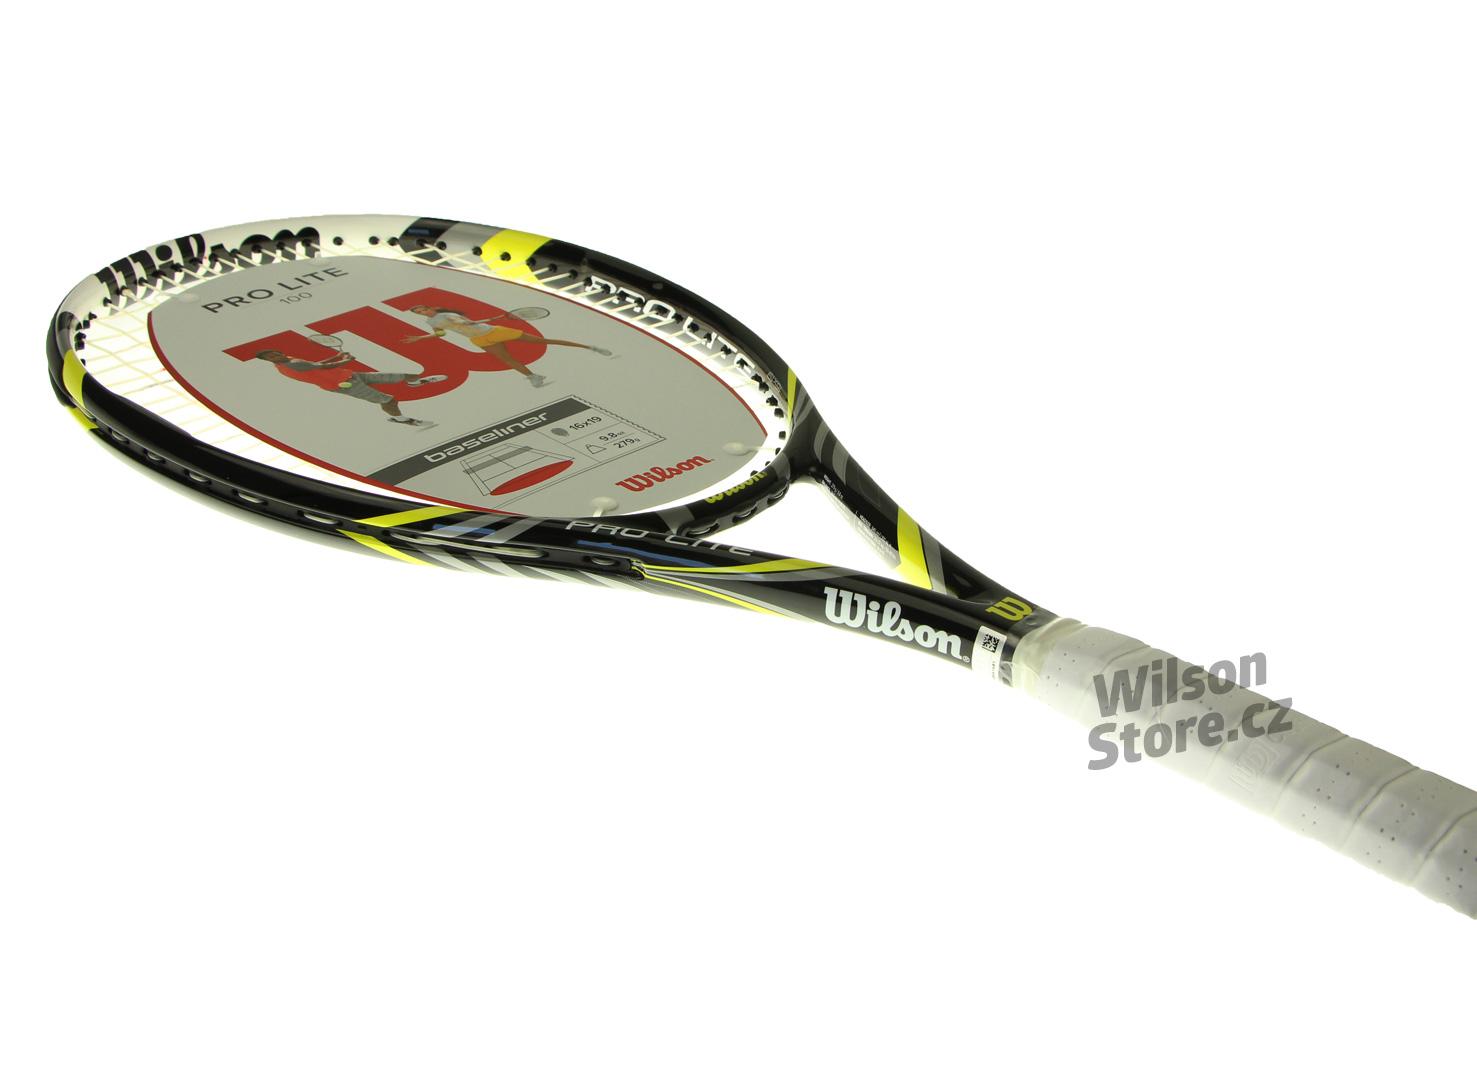 Wilson Pro Lite 100 G1